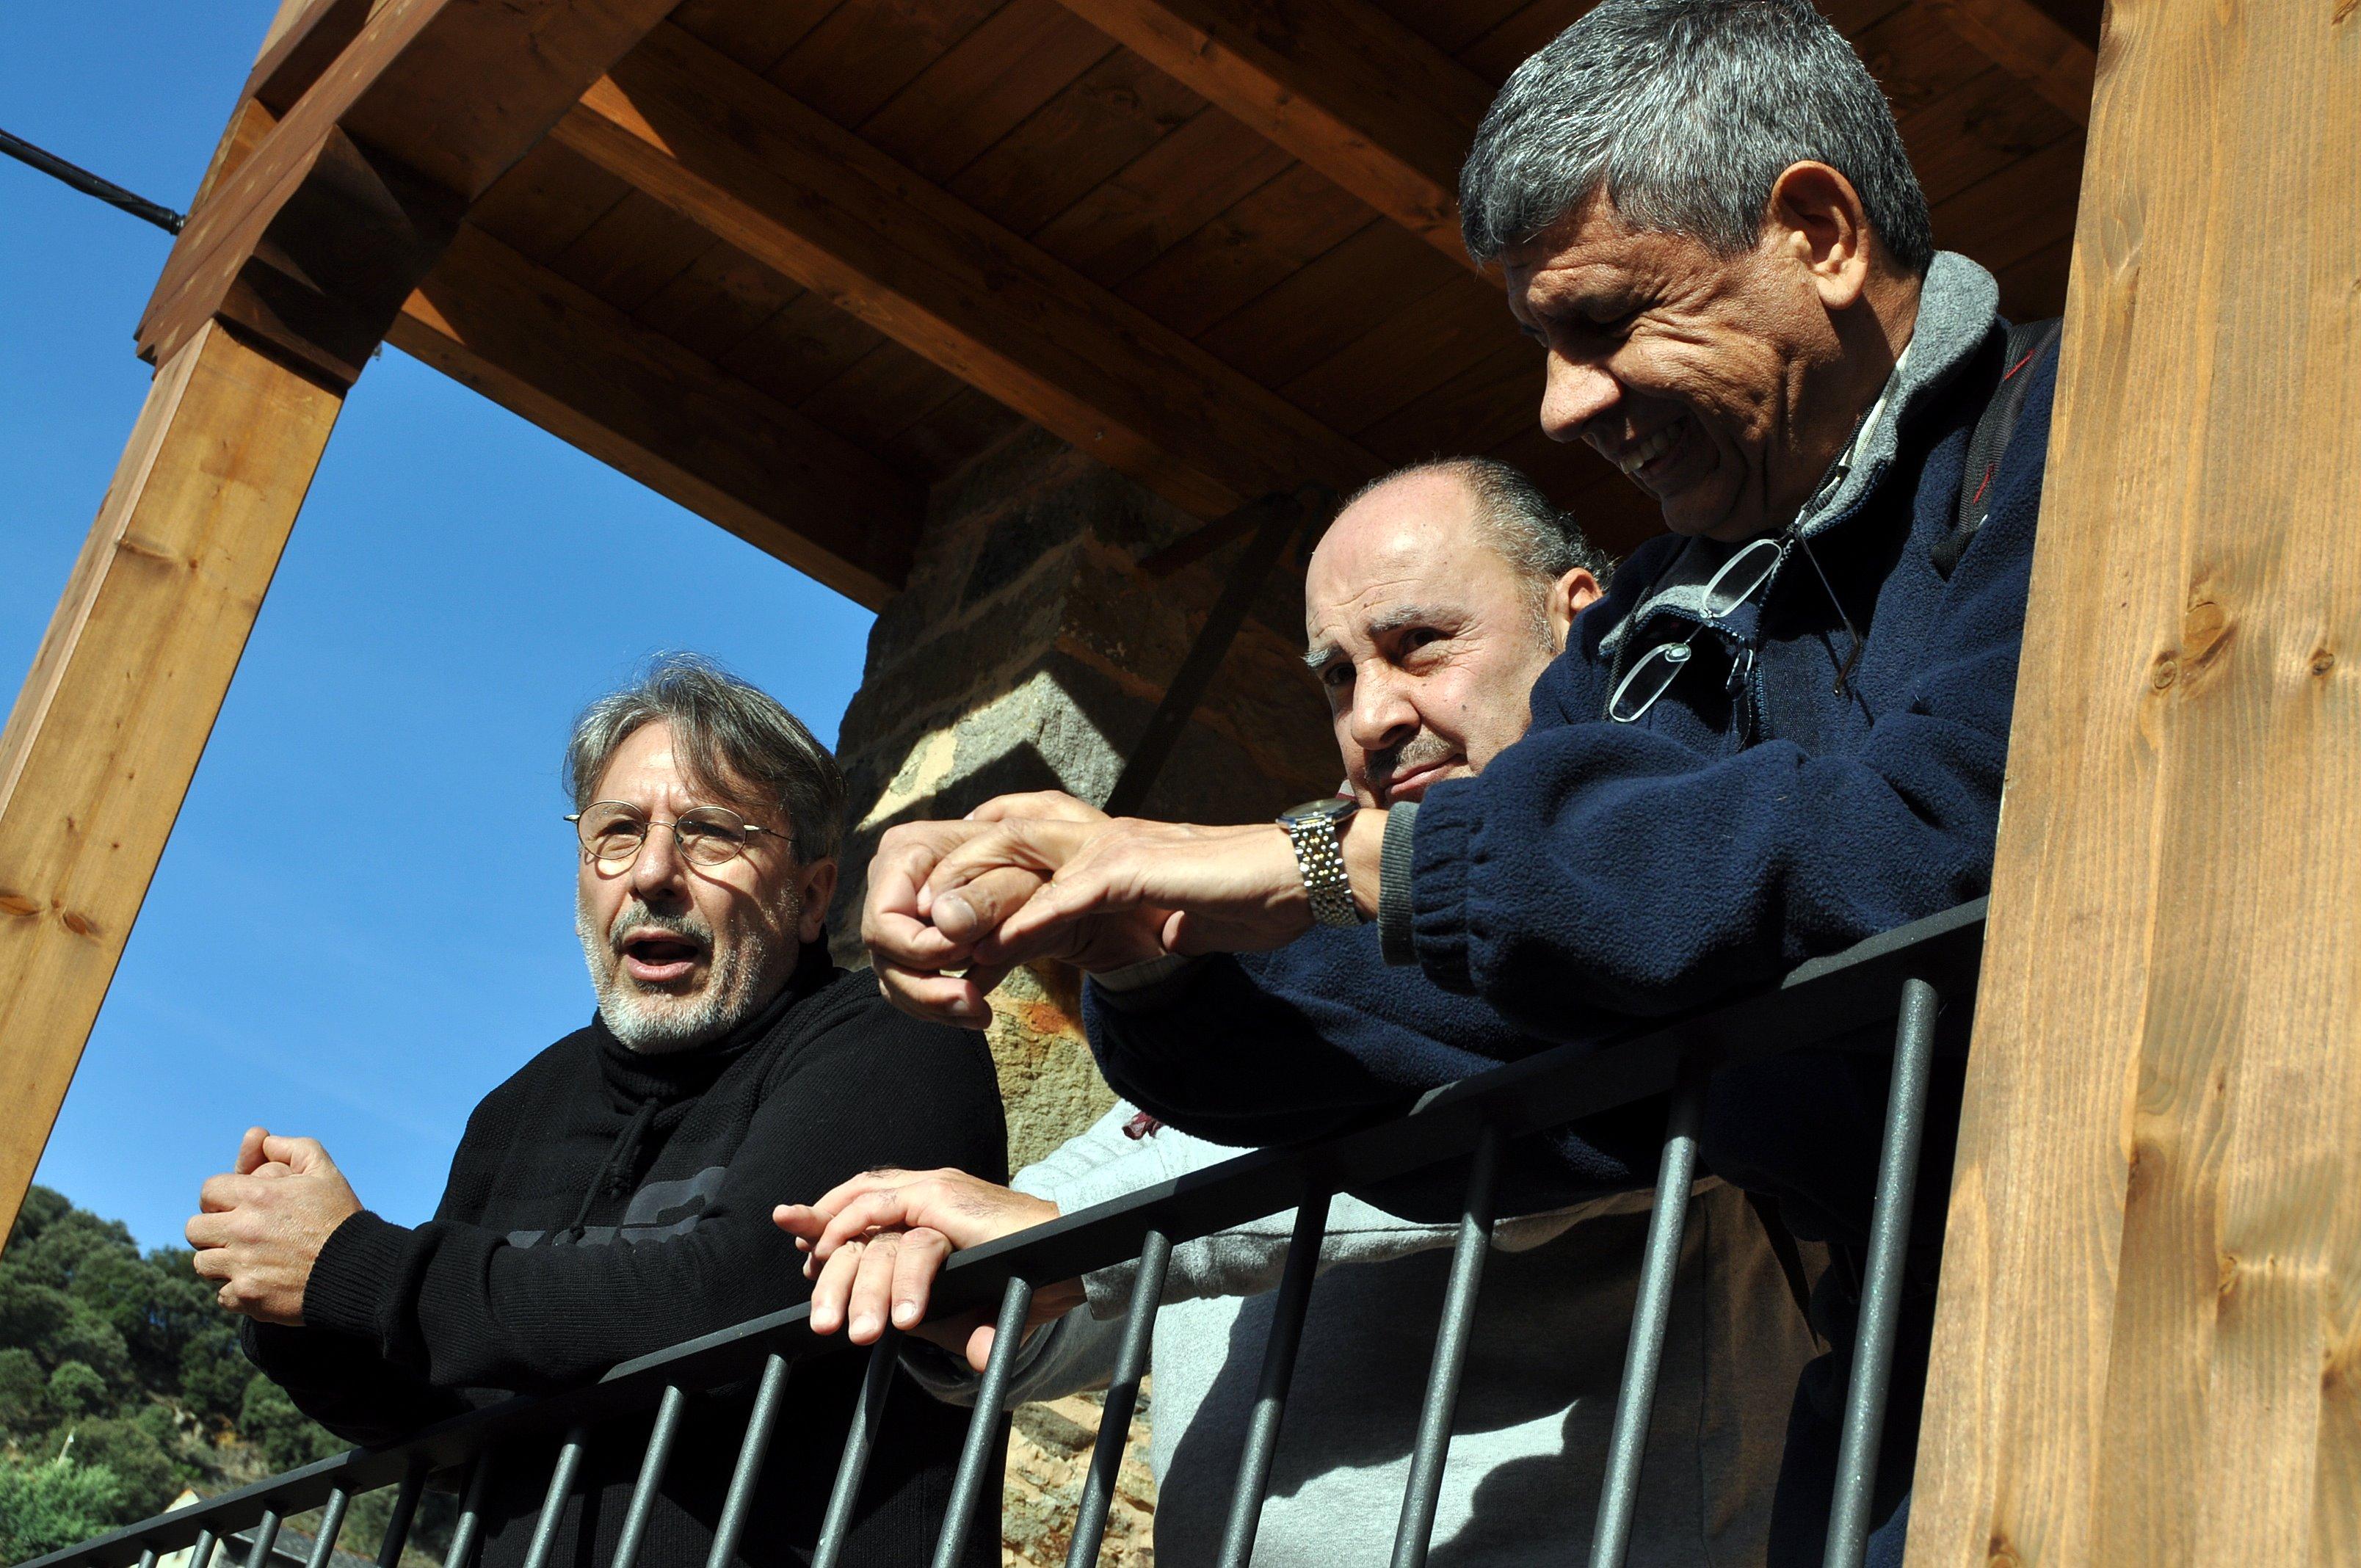 Melchor y Juan Carlos dirigen unas palabras de bienvenida a Promonumenta.